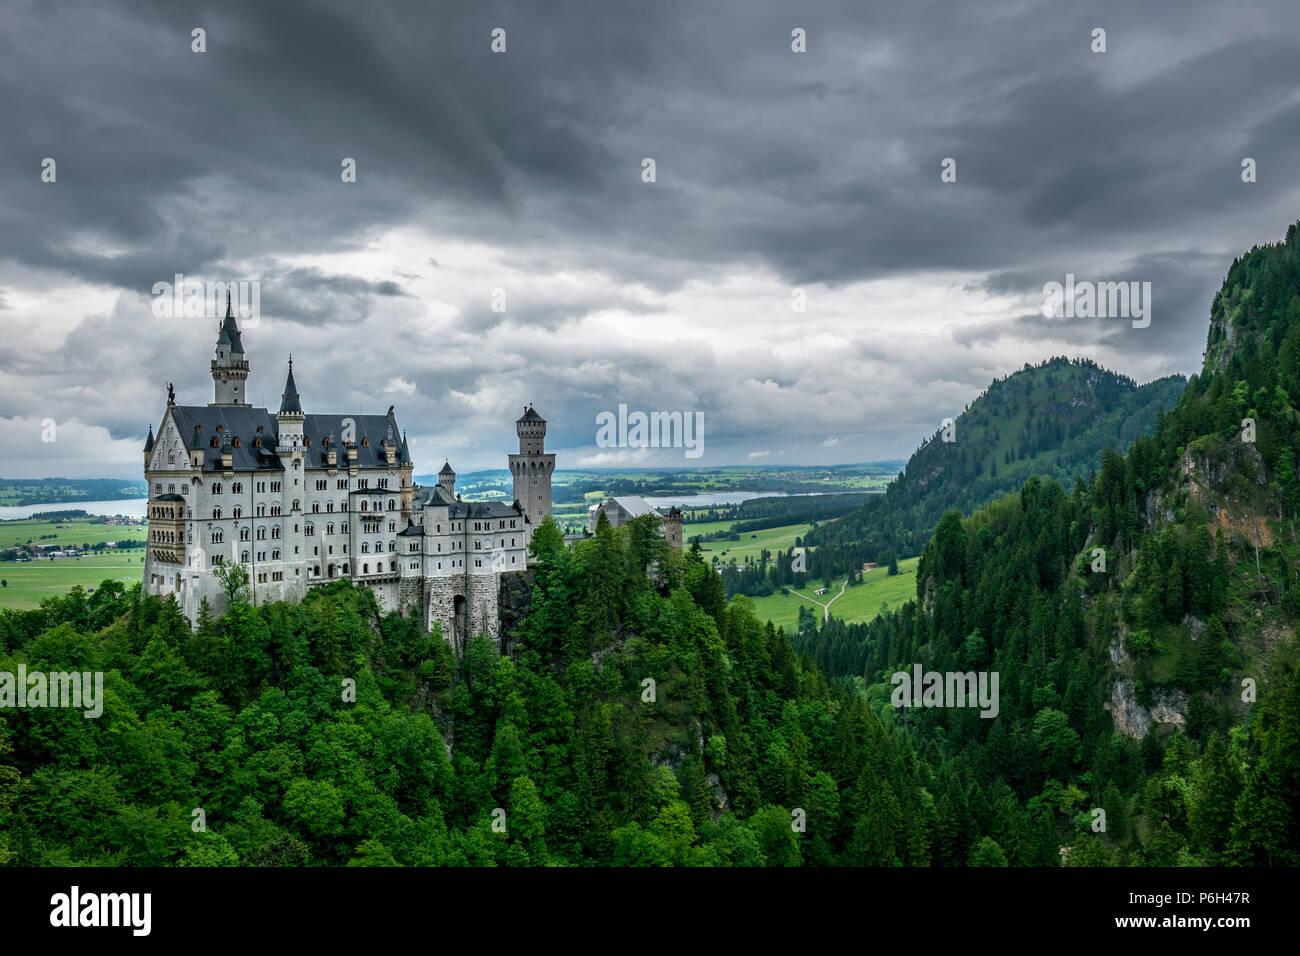 Schloss Neuschwanstein genannt mit viel Bäume und Berge im Hintergrund in Bayern Stockbild